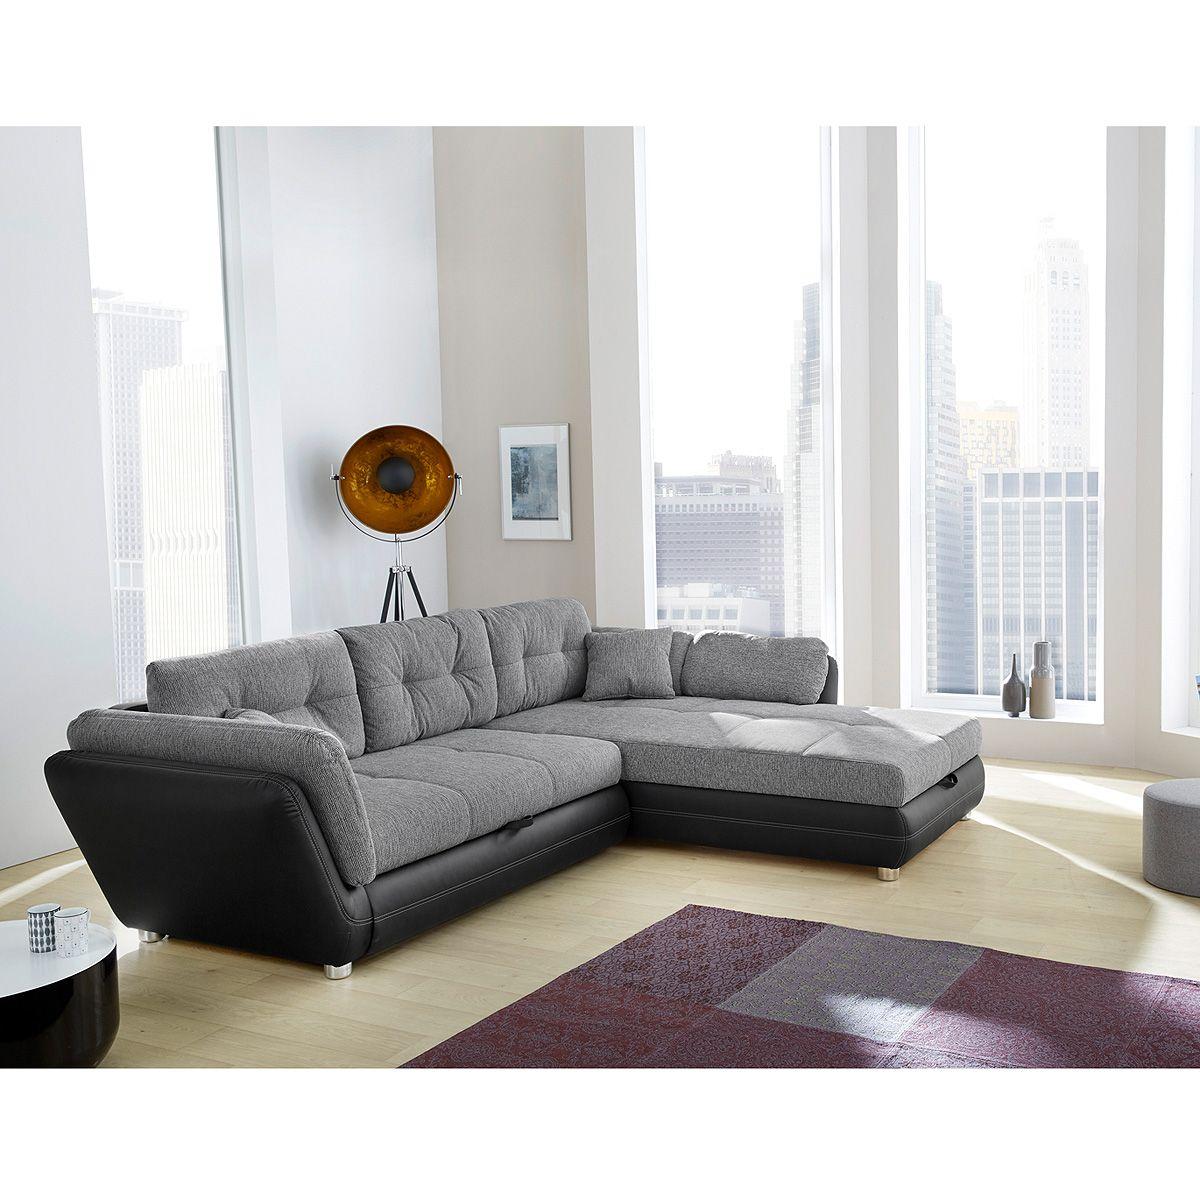 Otto Versand Möbel Sofas   The Homey Design